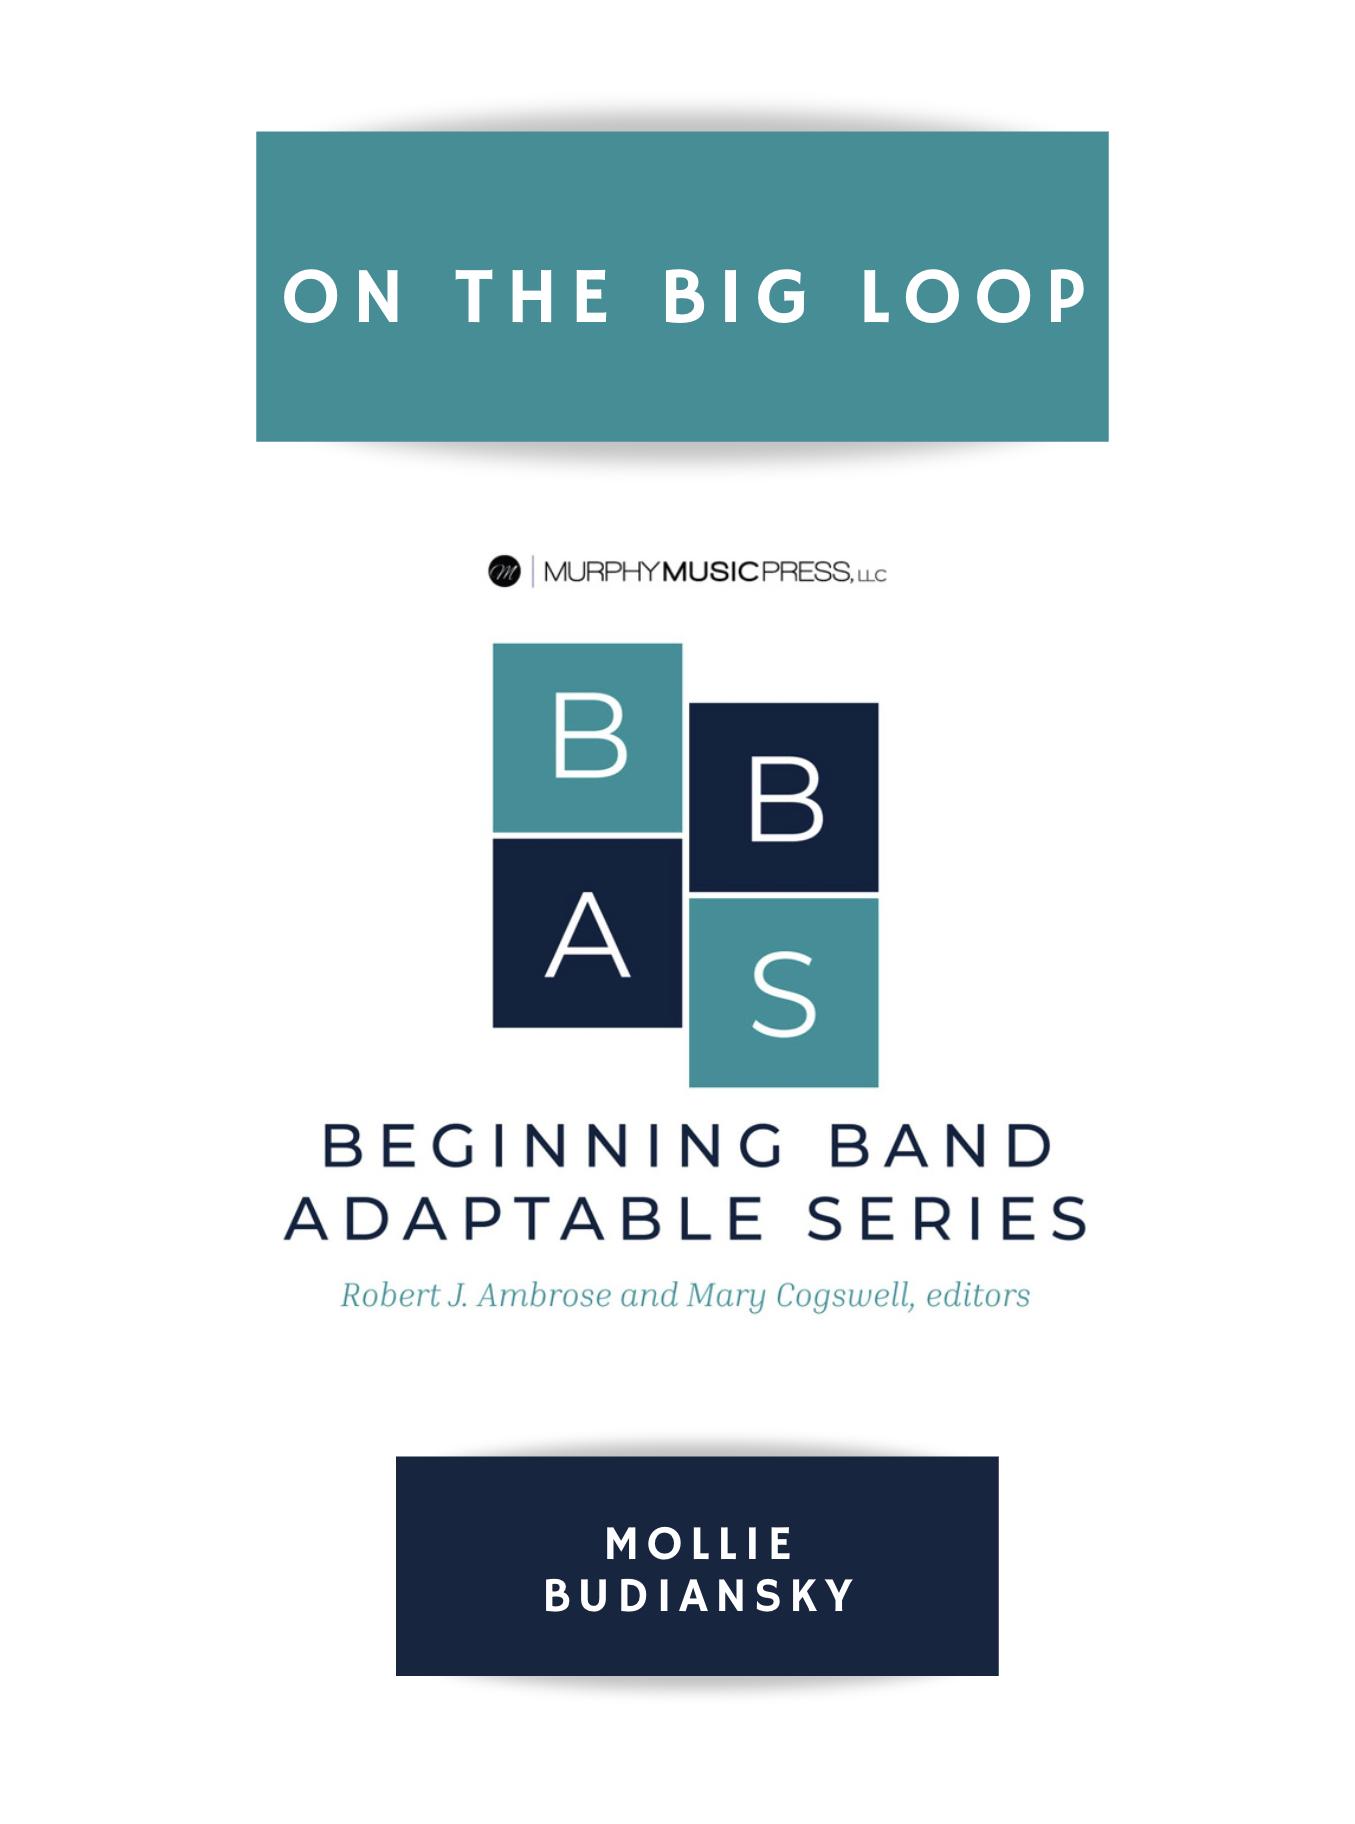 On The Big Loop by Mollie Budiansky